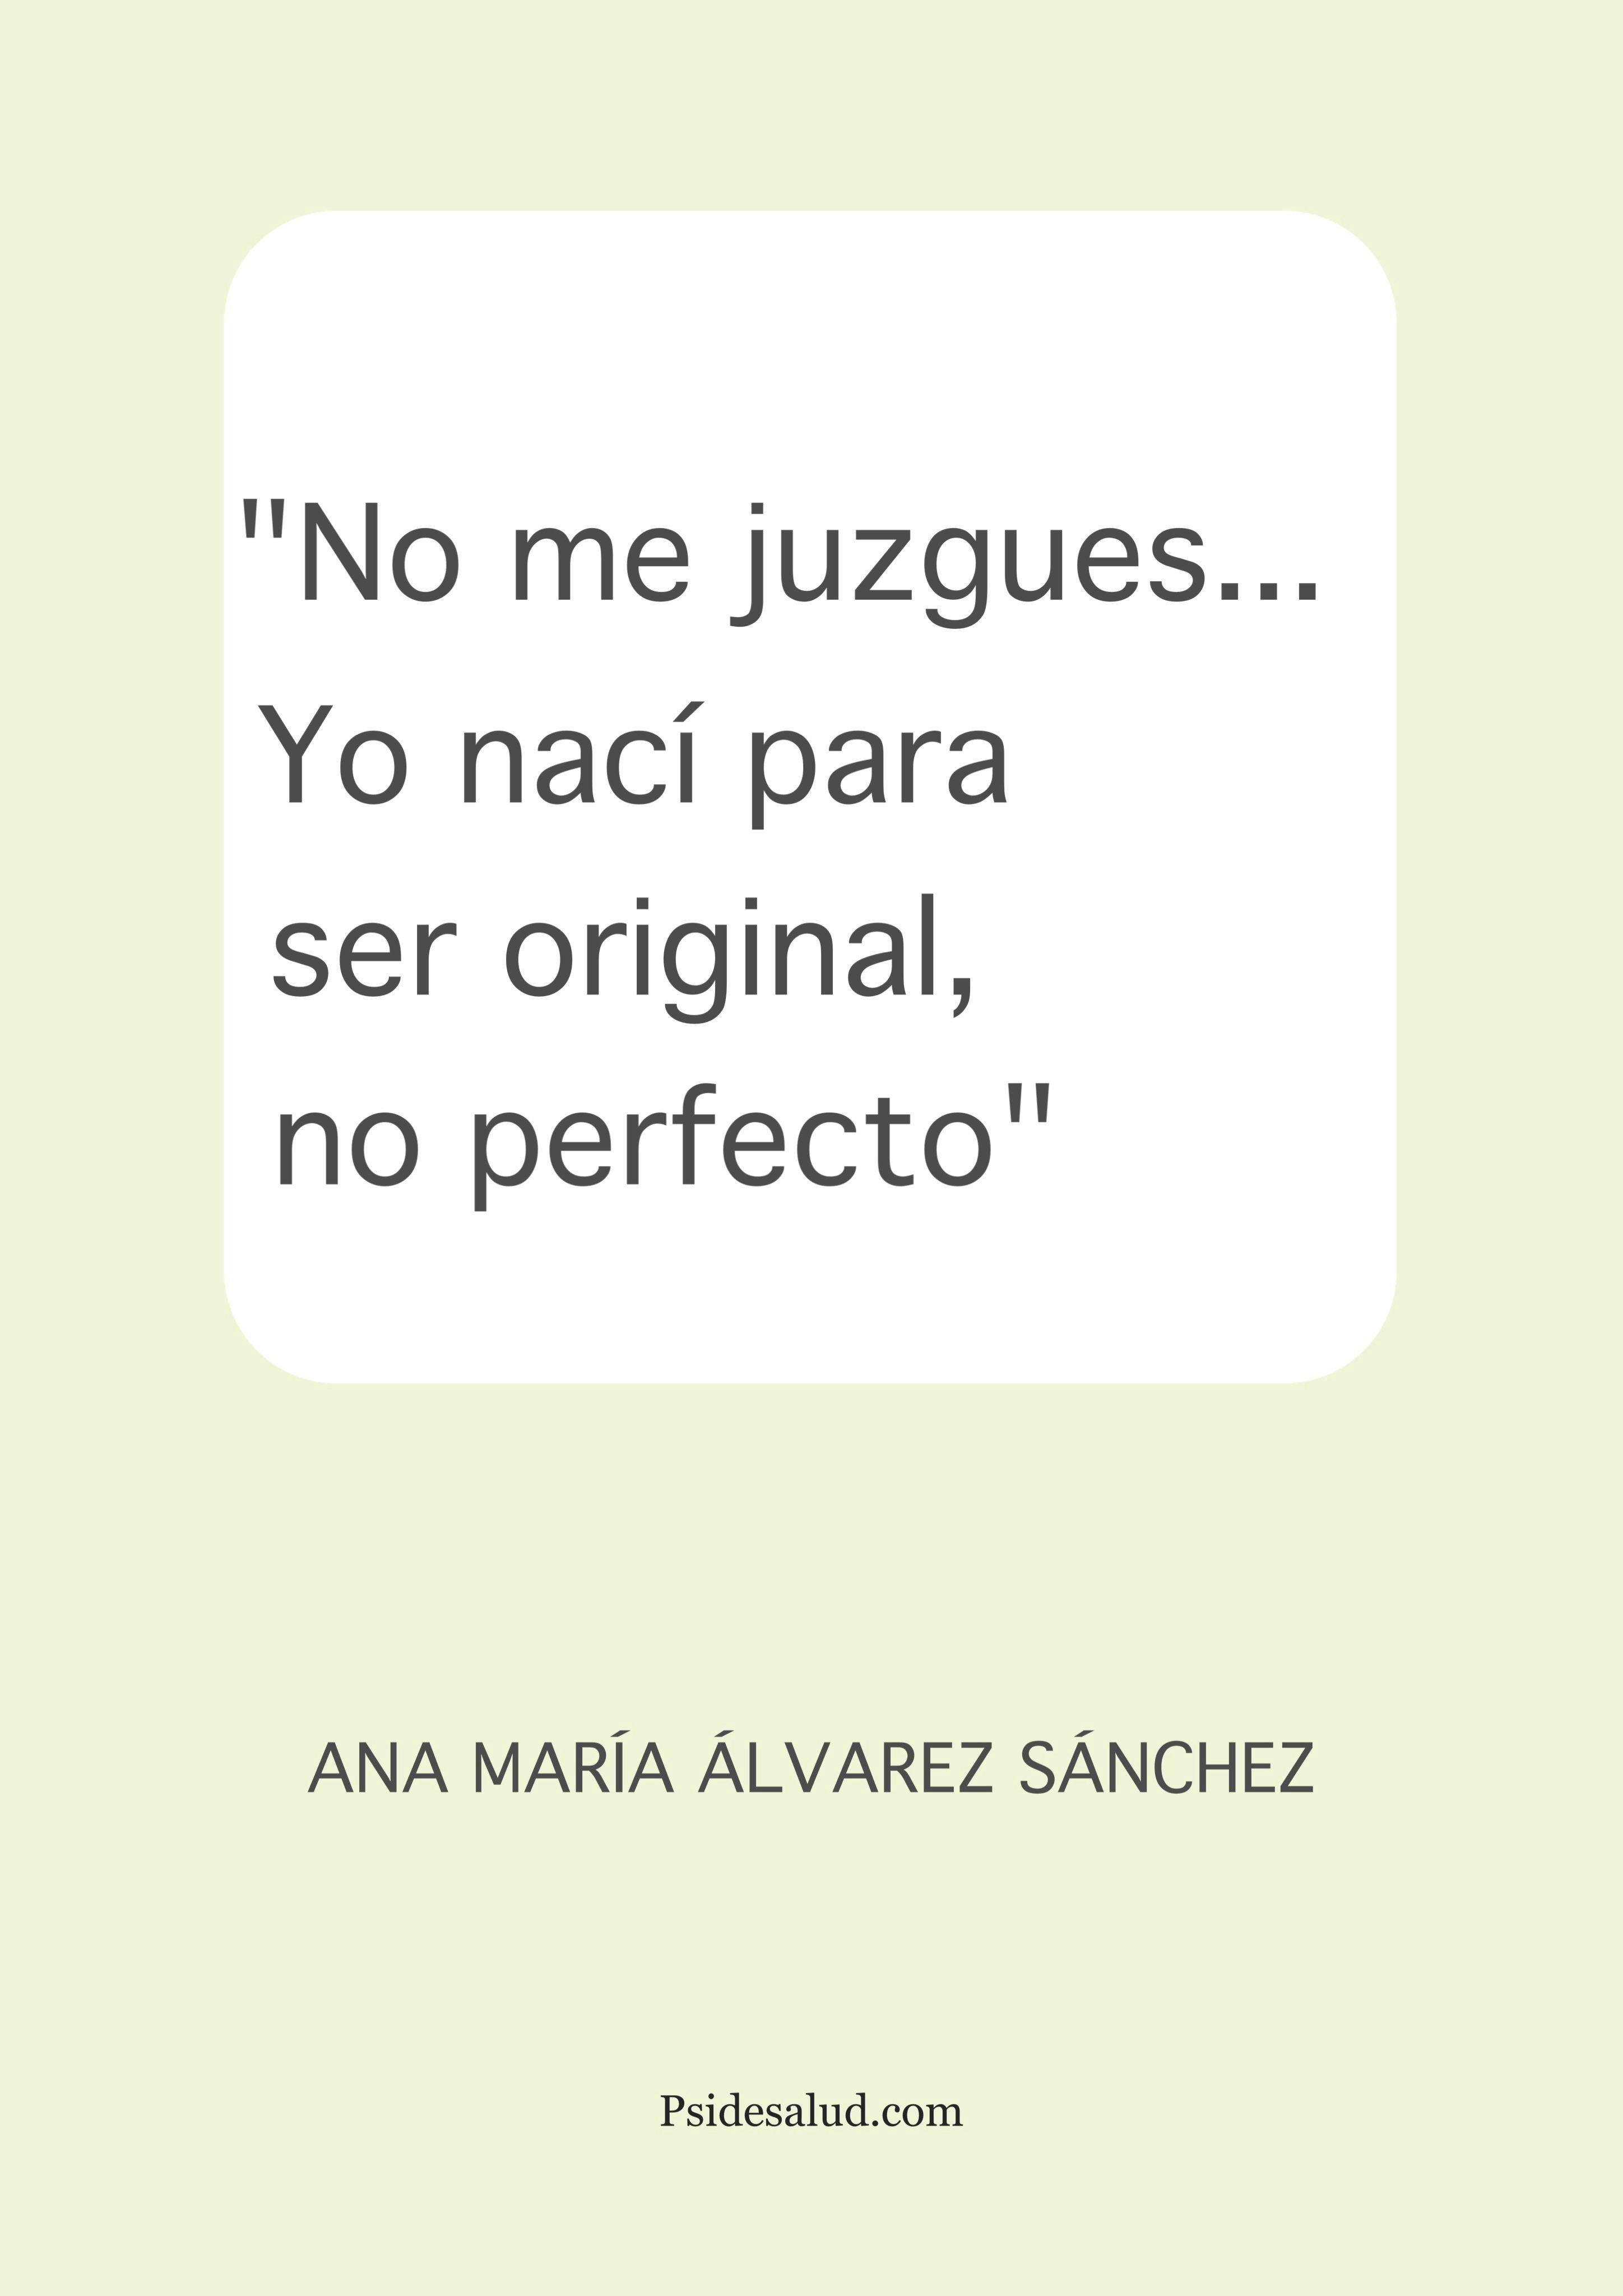 No me juzgues Yo nac para ser original no perfecto